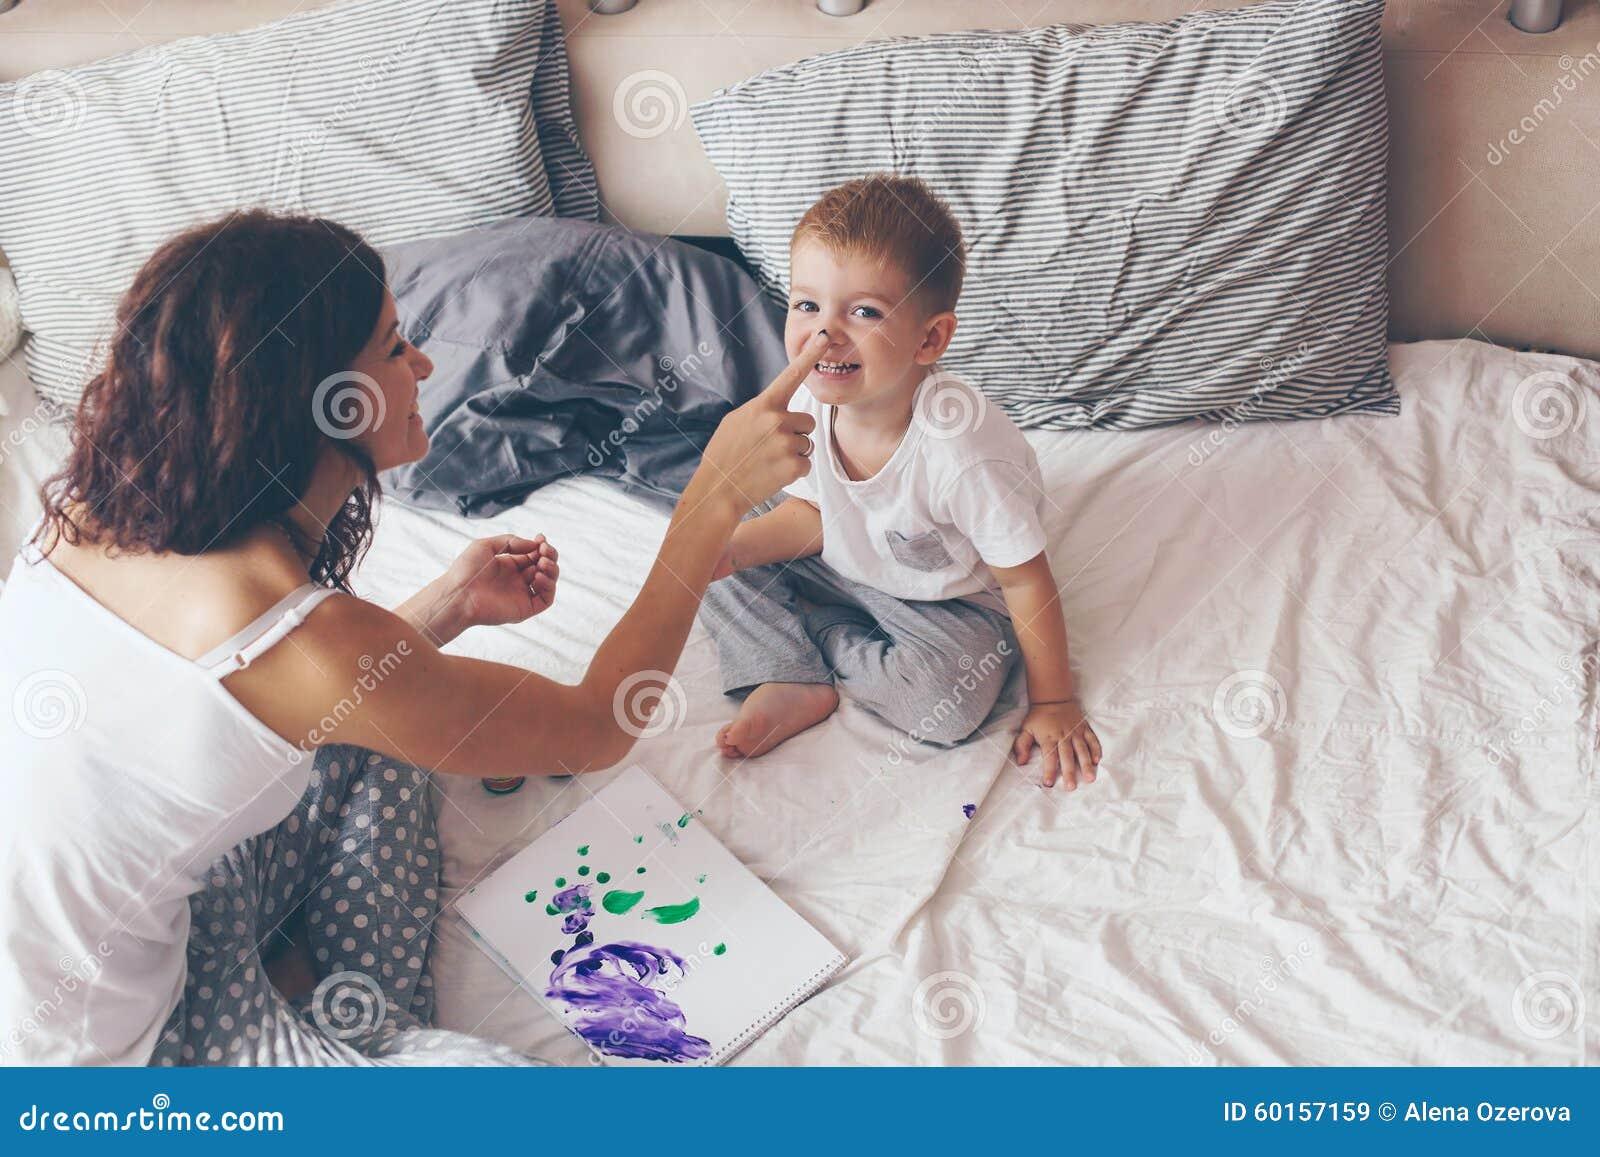 Рассказ как сын поимел маму, Рассказы, истории, о сексе. Мать и сын реальные секс 23 фотография